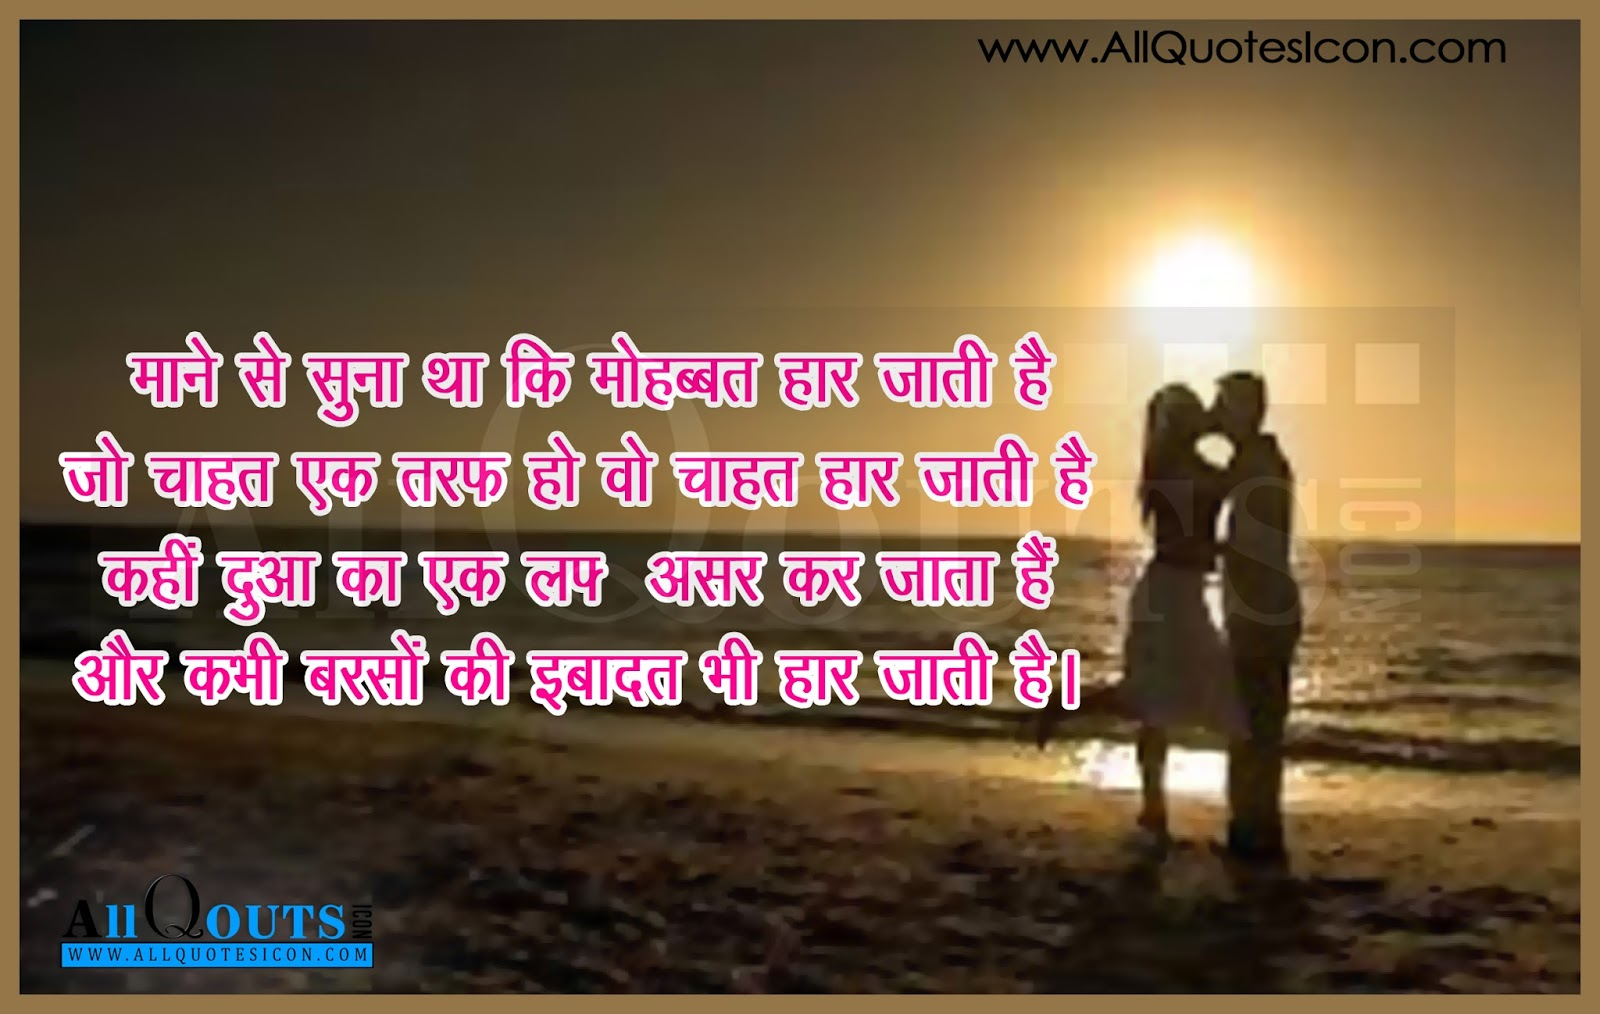 Best Love Quotes In Hindi Www Allquotesicon Com Telugu Quotes